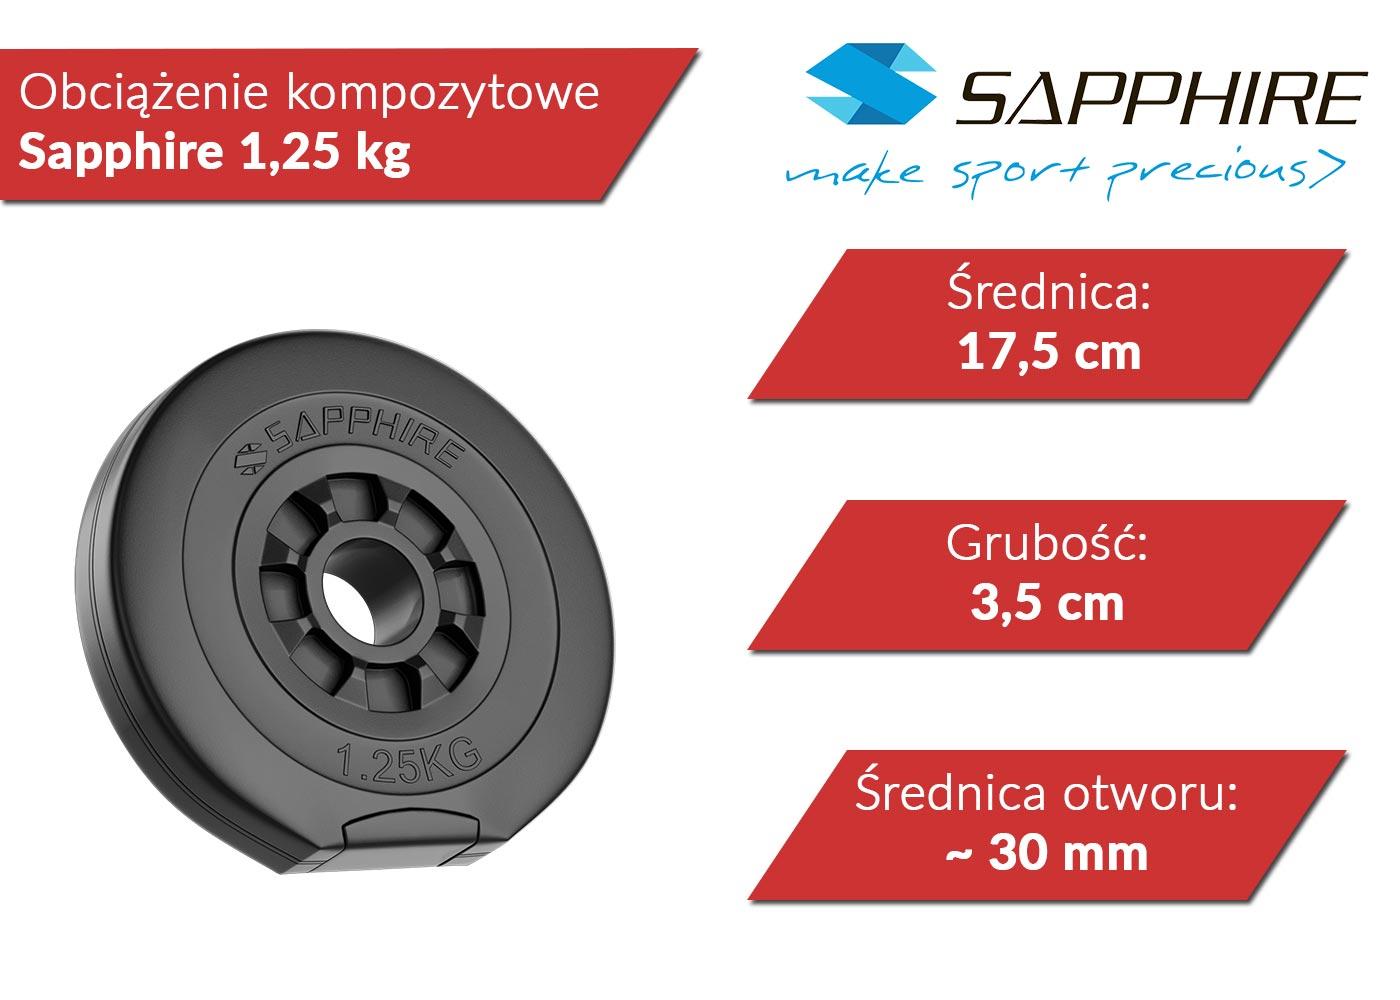 Obciążenia kompozytowe Sapphire 1,25 kg